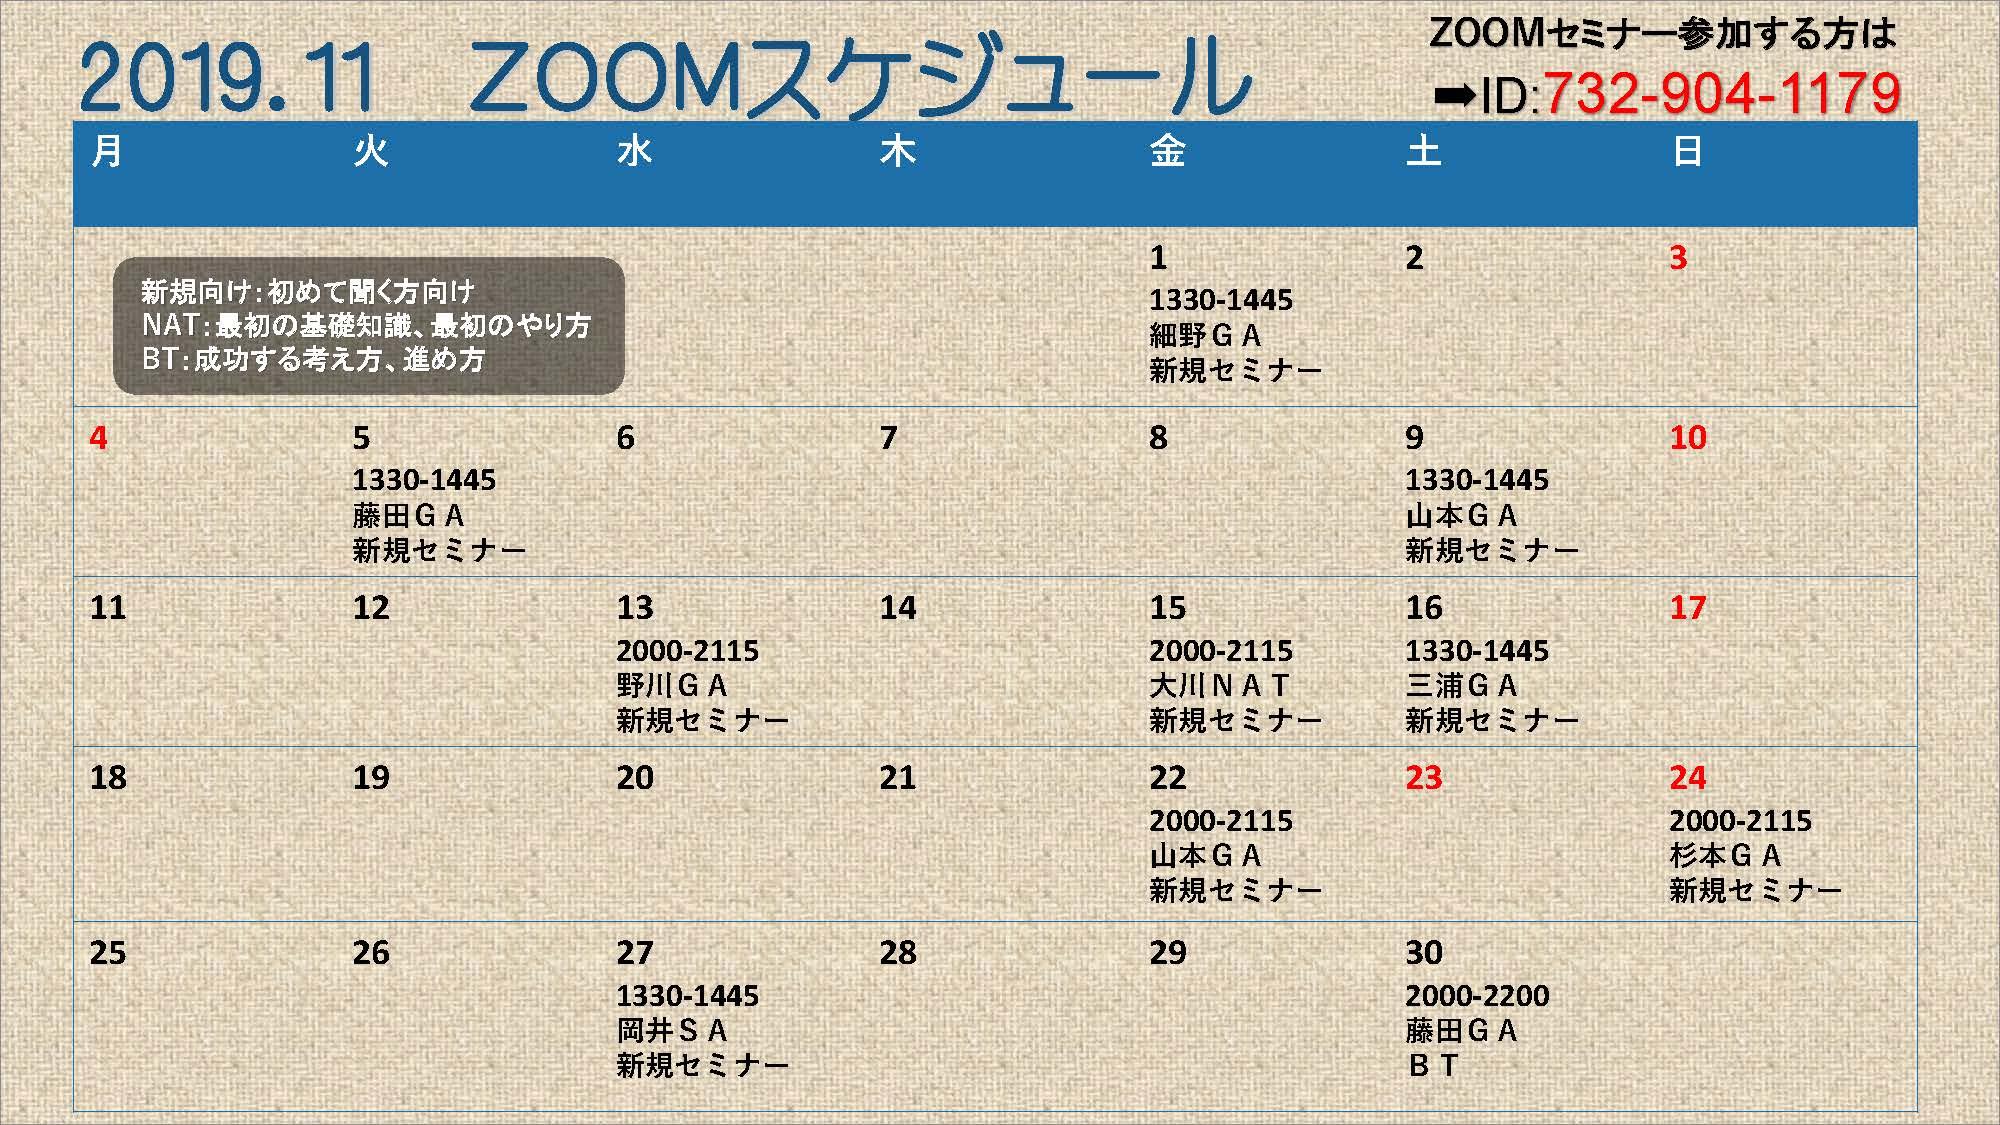 ZOOMセミナー11月スケジュール